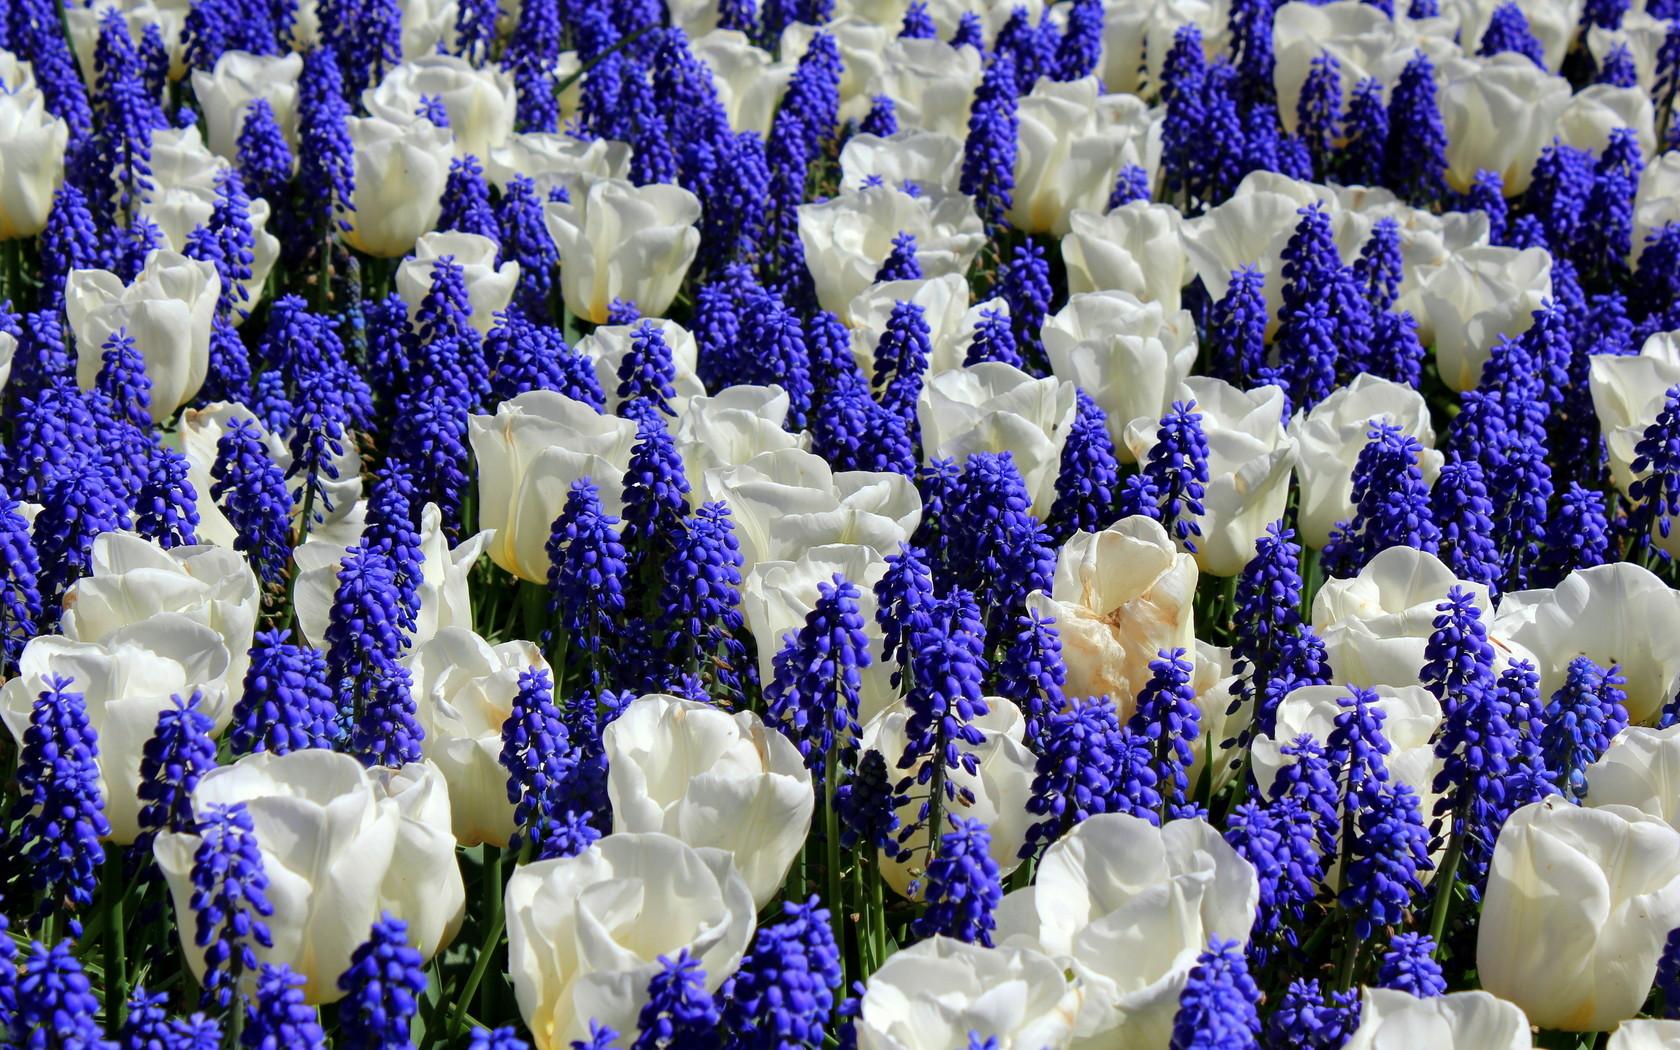 В смешанной посадке, где объединены синие гиацинты и белоснежные тюльпаны.